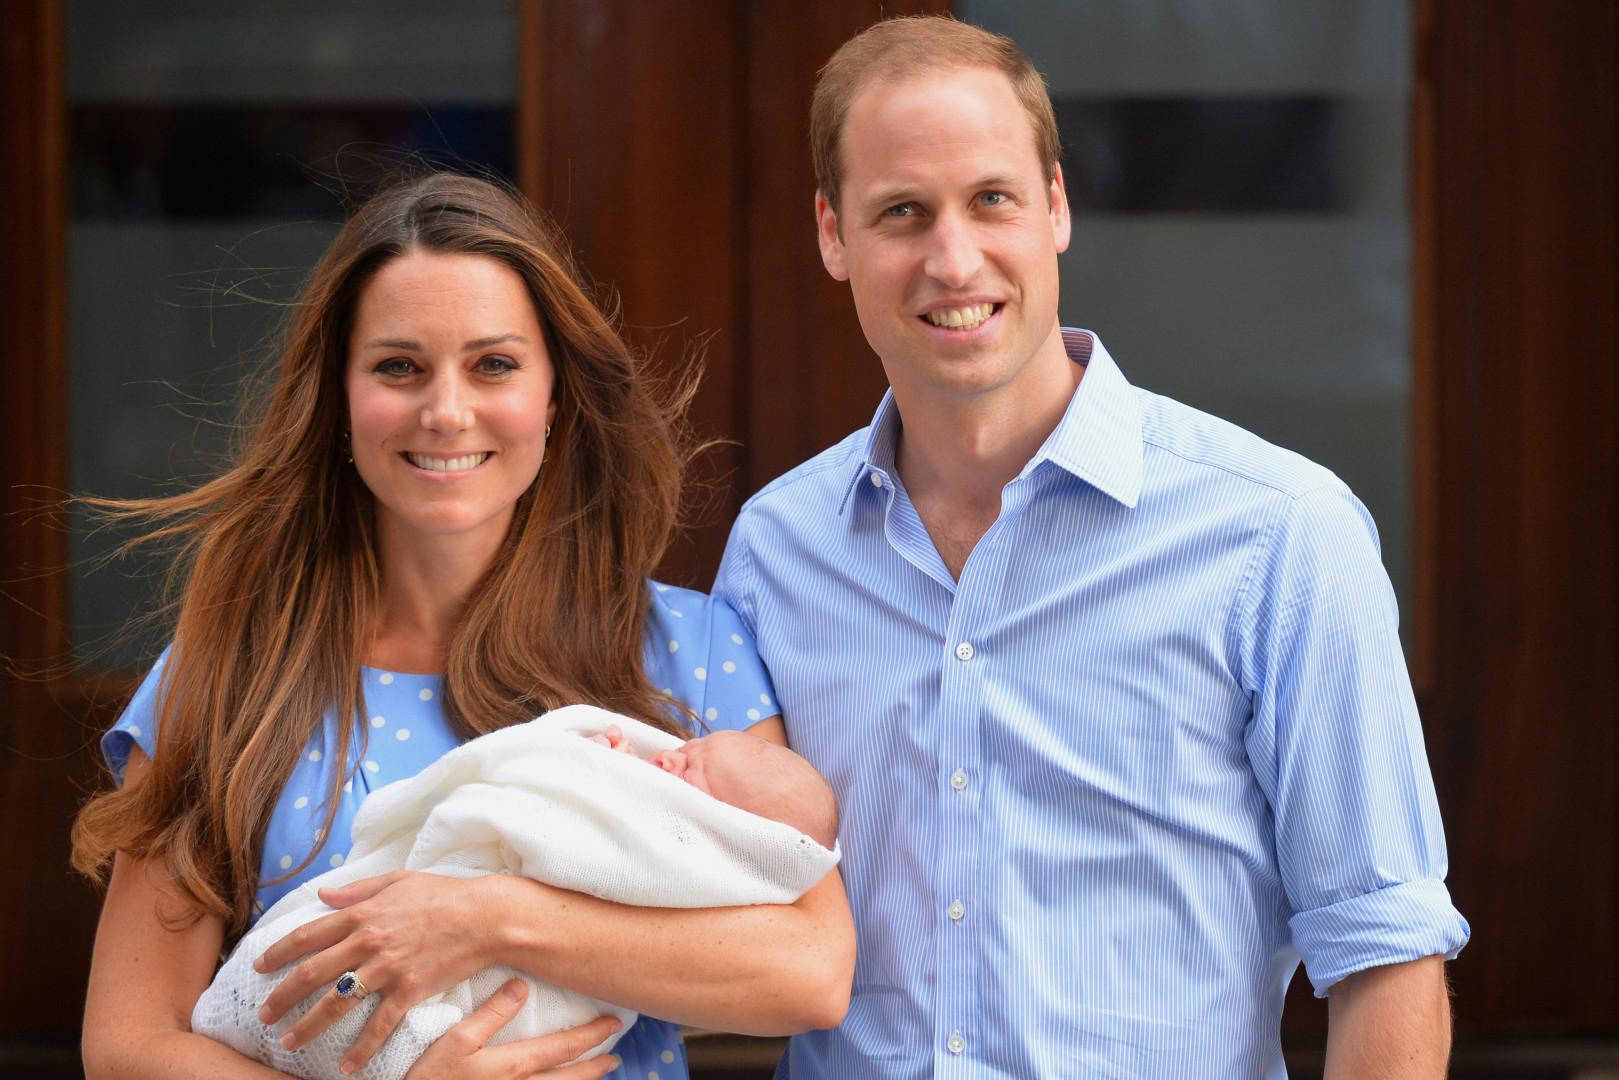 Kate et William à la sortie de la maternité le 23 juin 2013, après la naissance du prince George